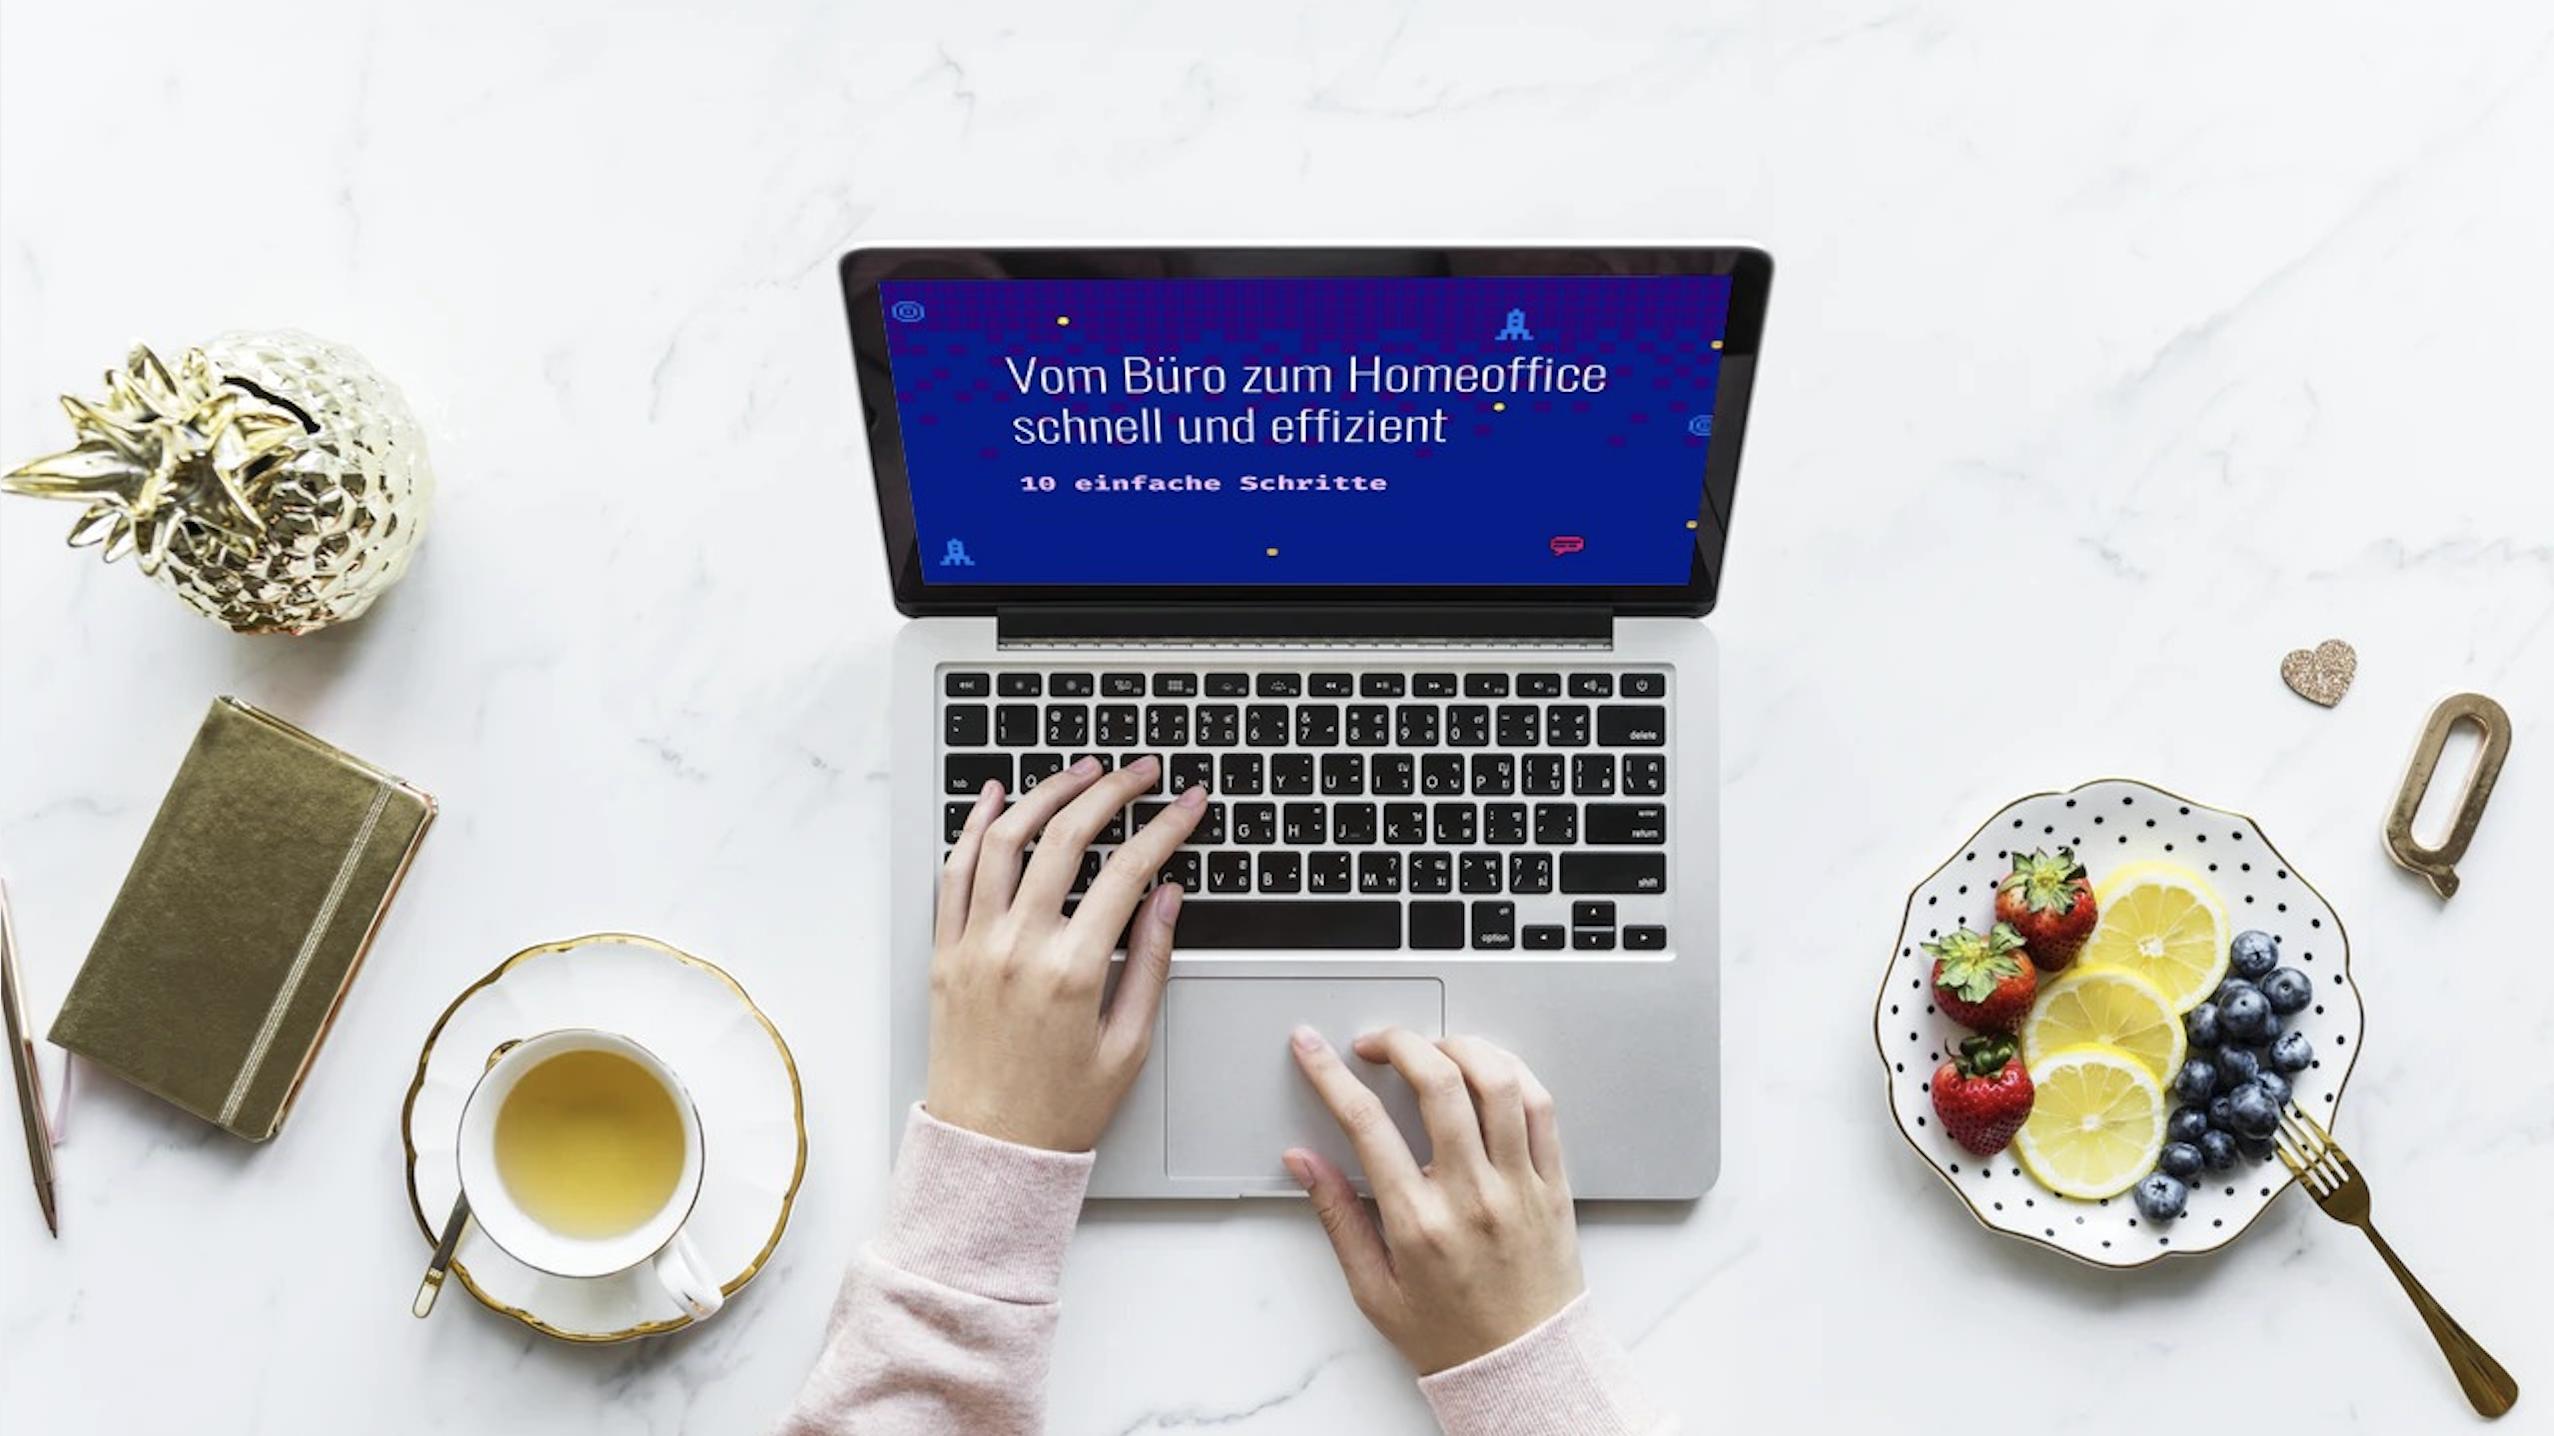 Webinar: Vom Büro zum Homeoffice schnell und effizient